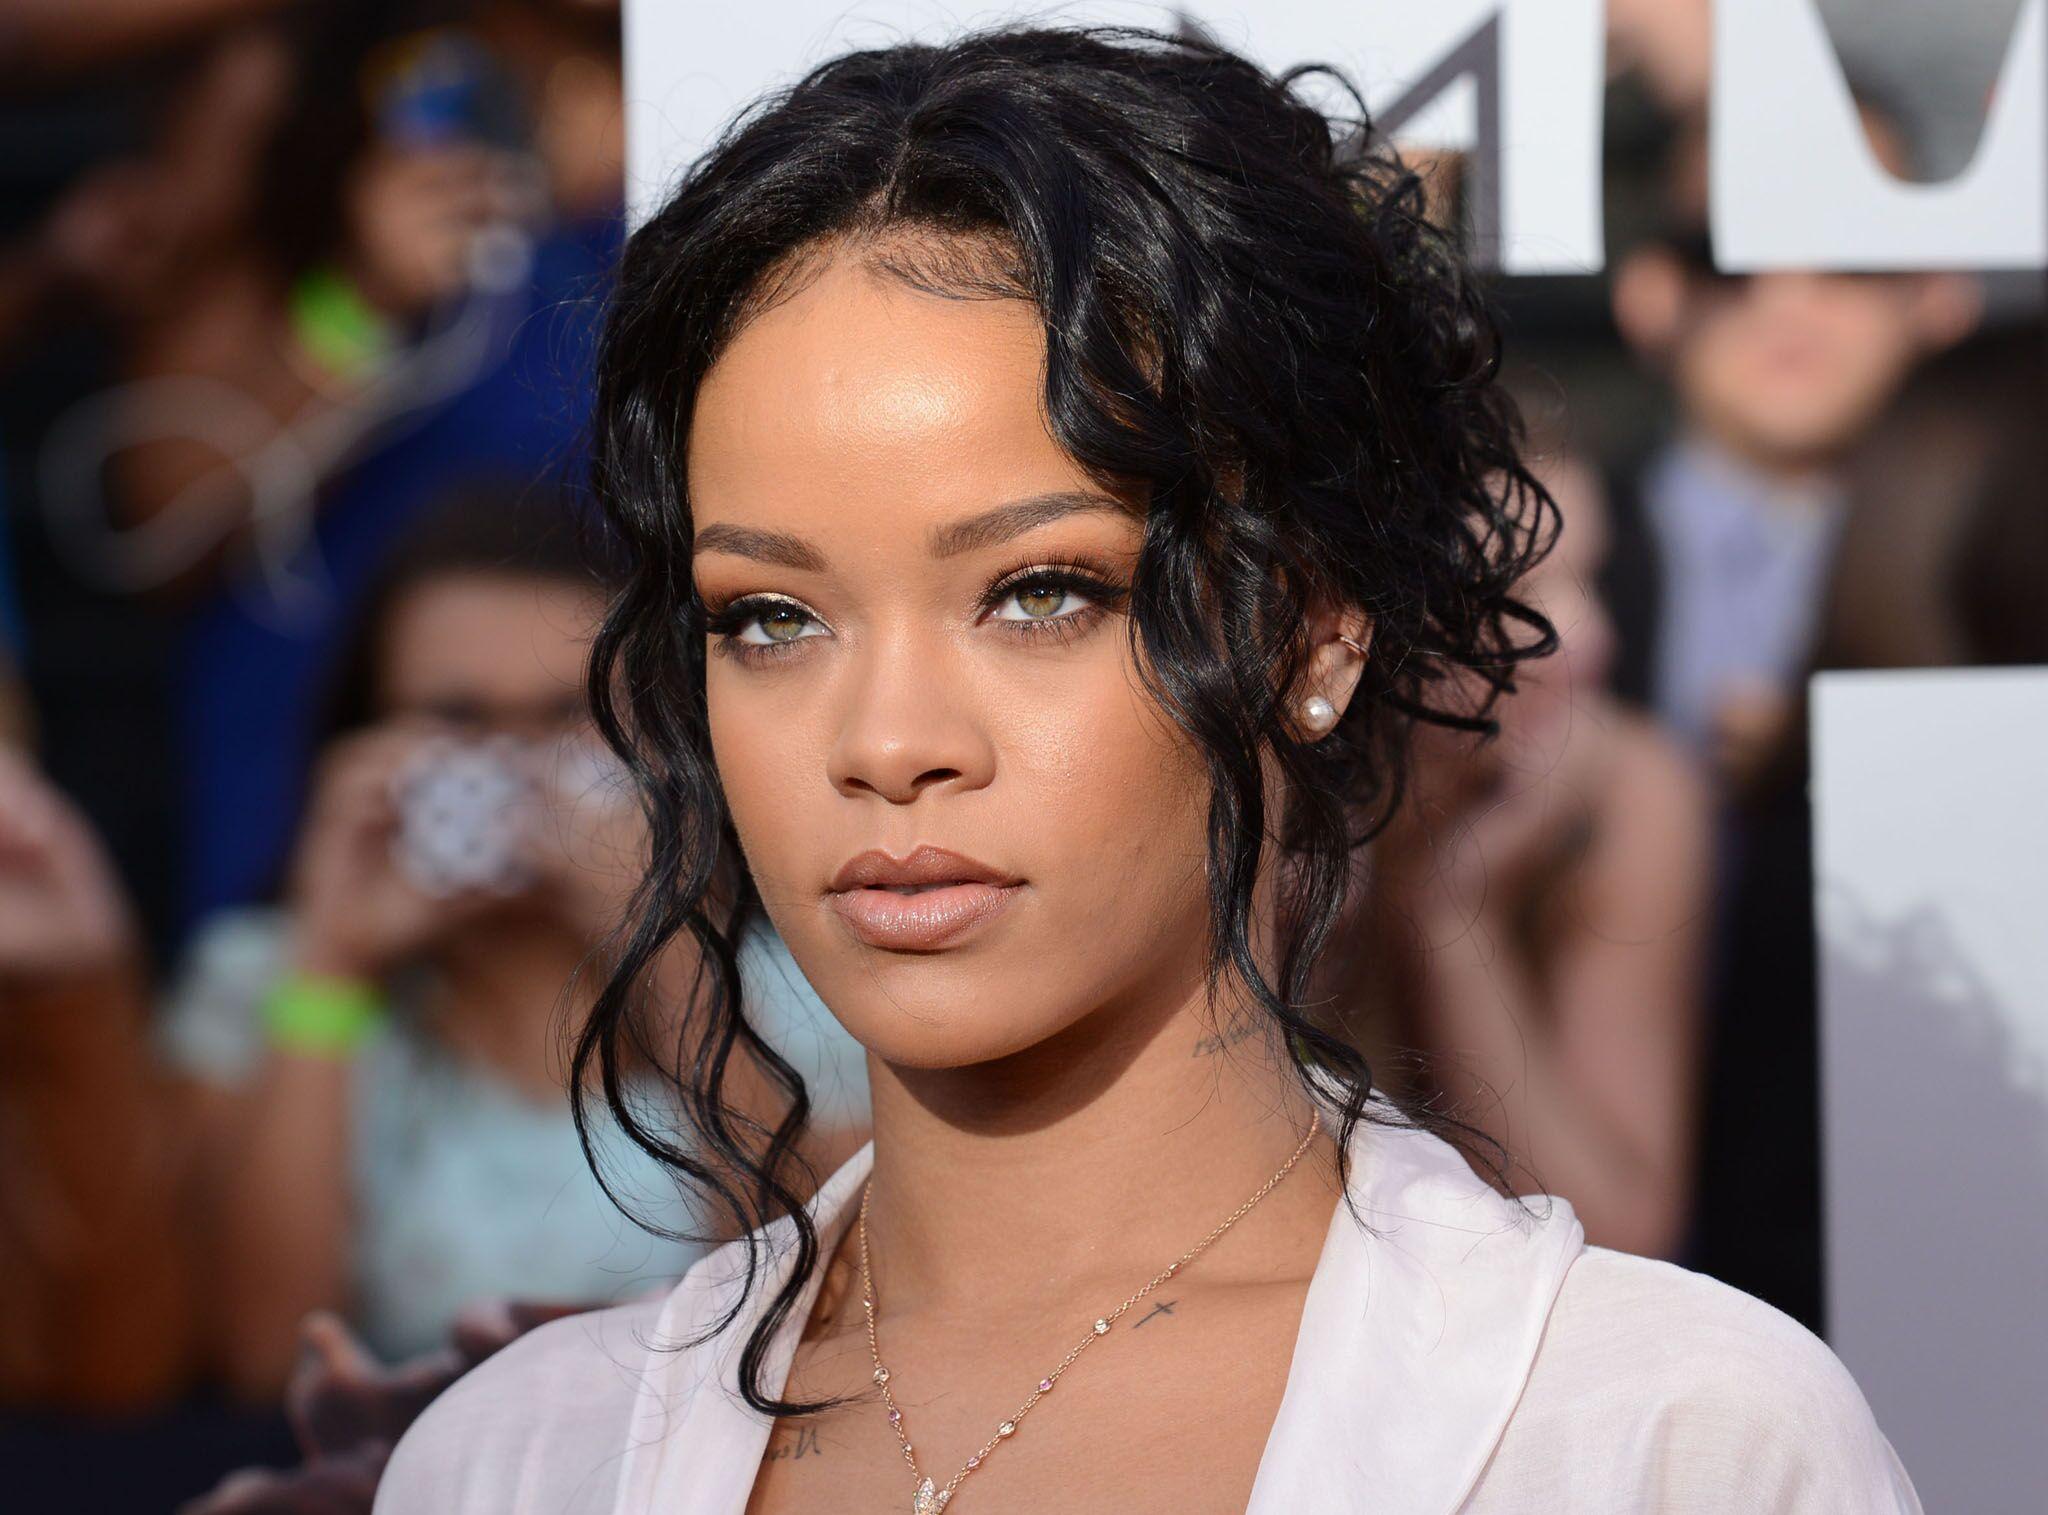 6f505bed5d73 Découvrez la somme hallucinante que Rihanna dépense chaque semaine pour ses soins  de beauté - Voici